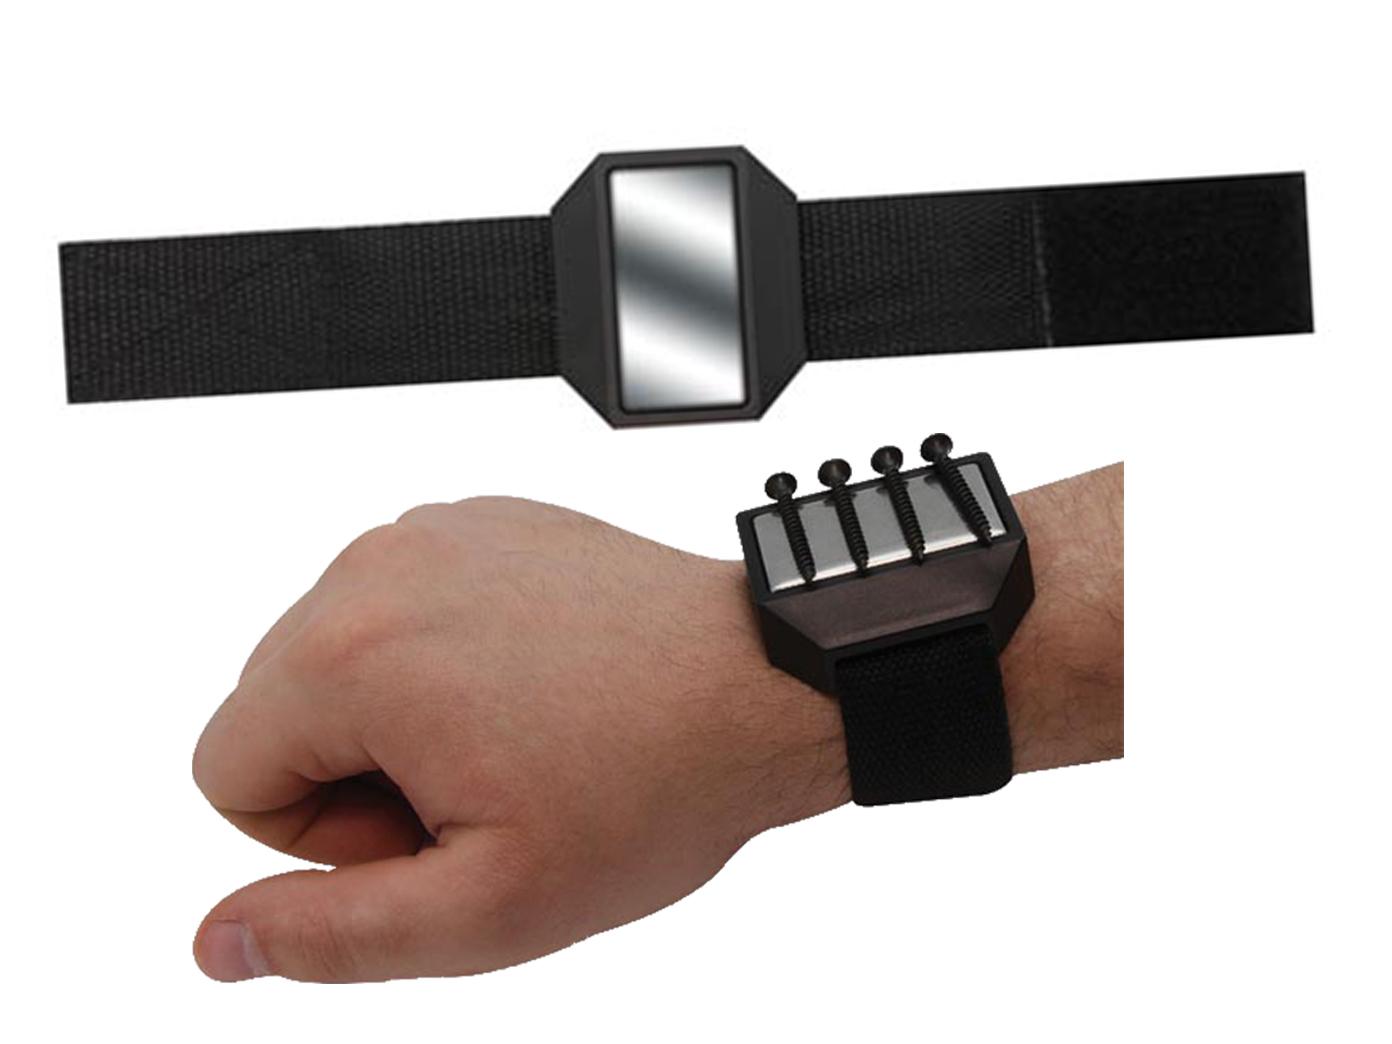 Magnetischer Halter Nägeln. EASY Work Magnet-Armband zum Haften von Schrauben